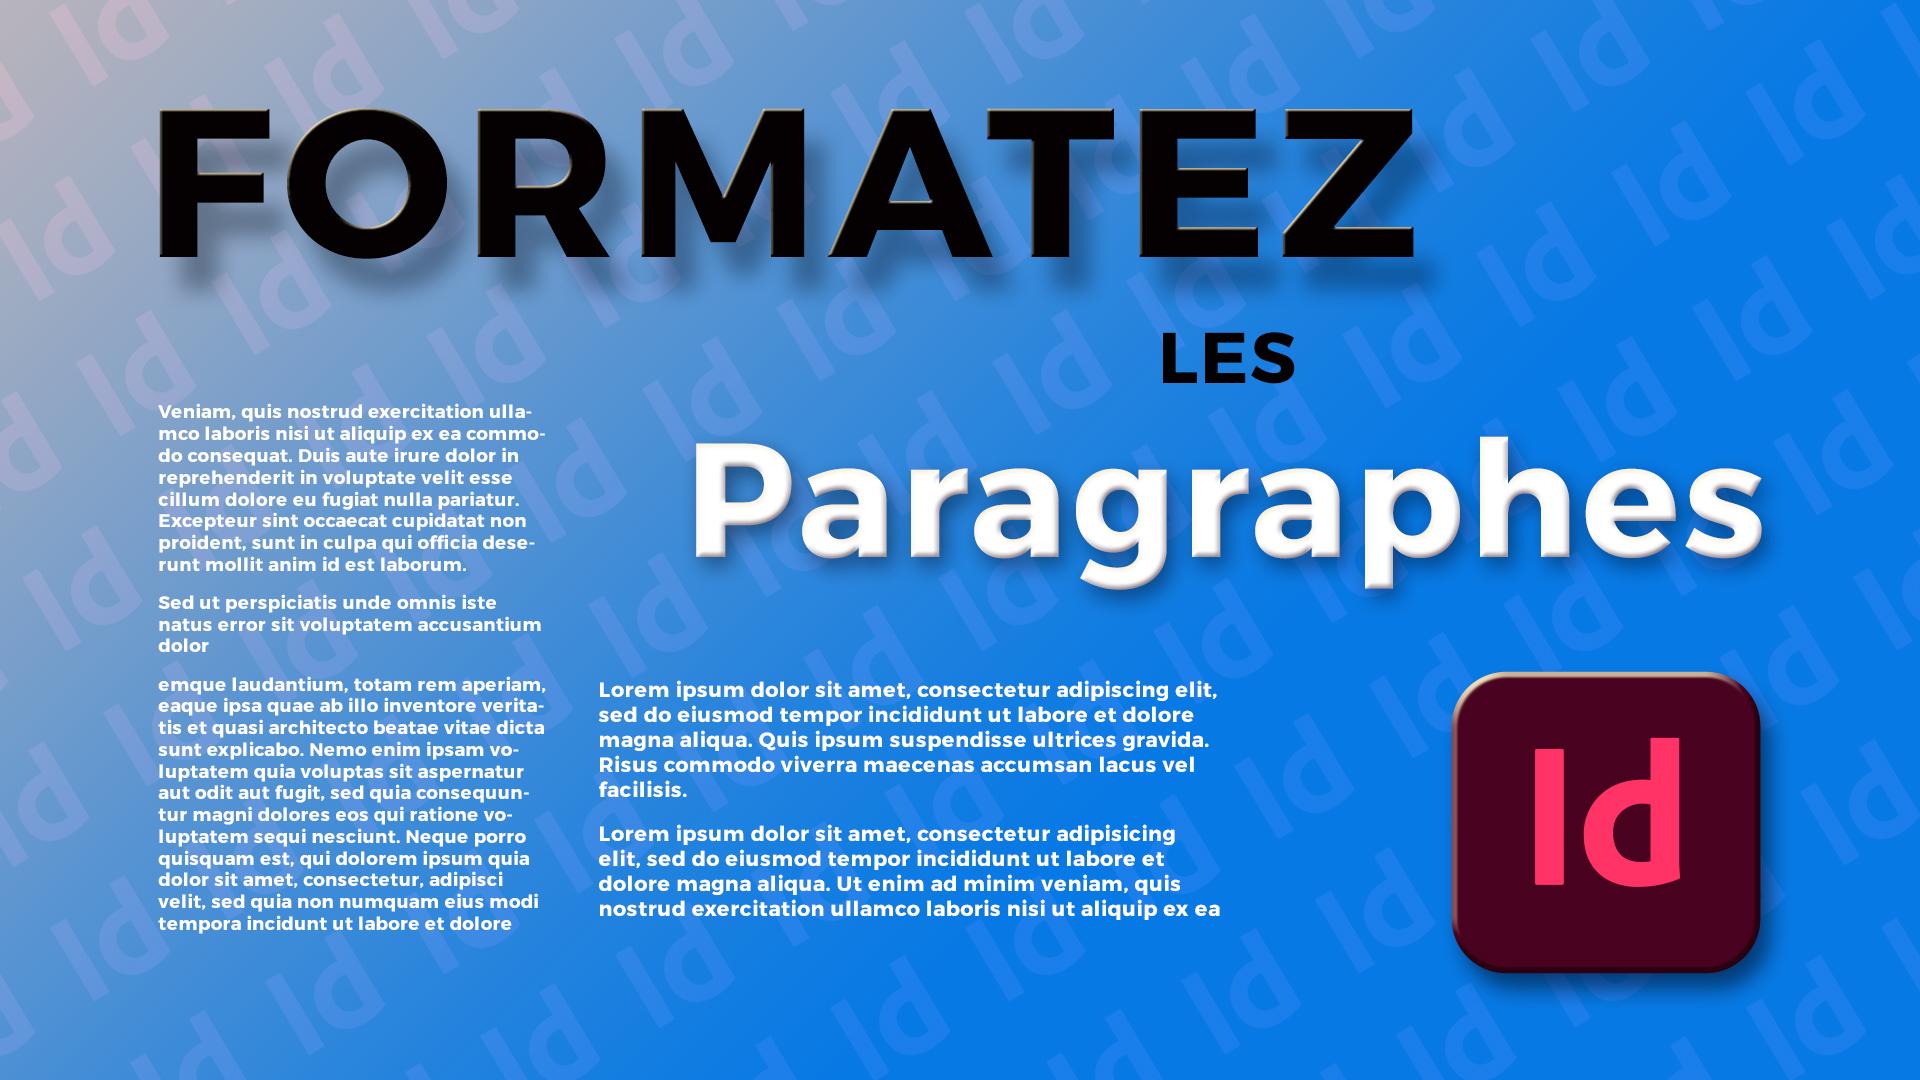 Comment formater les paragraphes dans InDesign